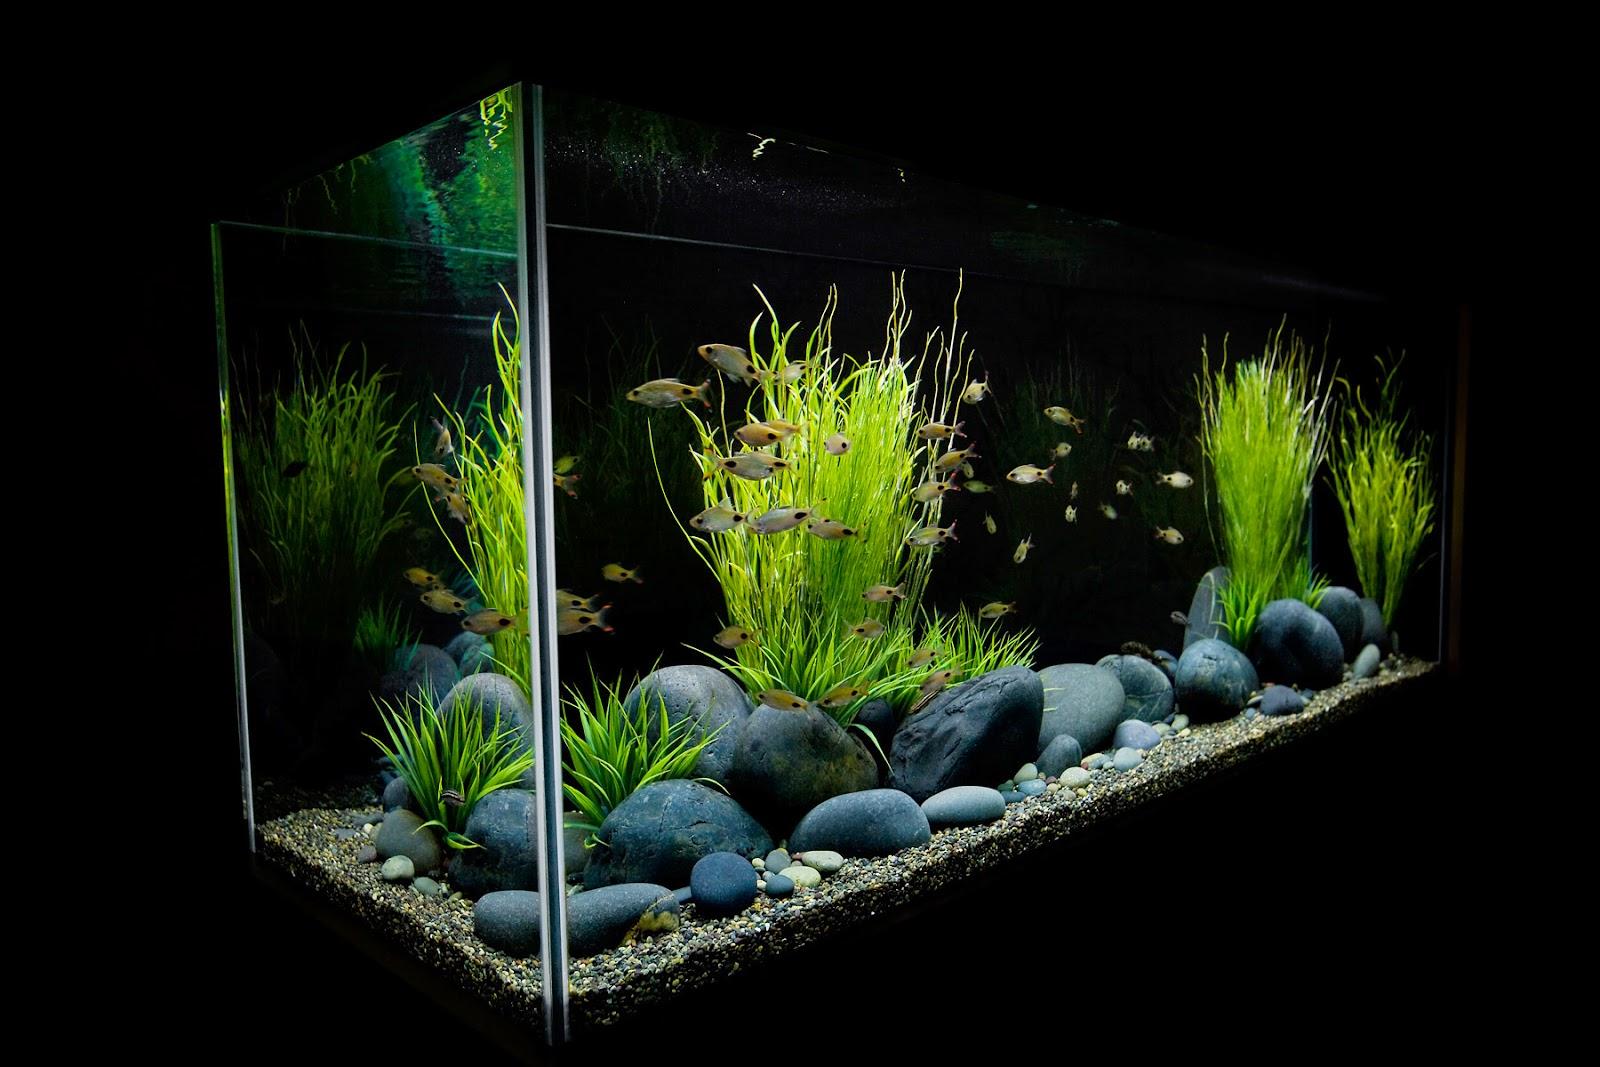 Kumpulan foto aquarium aquascape keren foto bugil bokep 2017 - Gambar aquascape ...